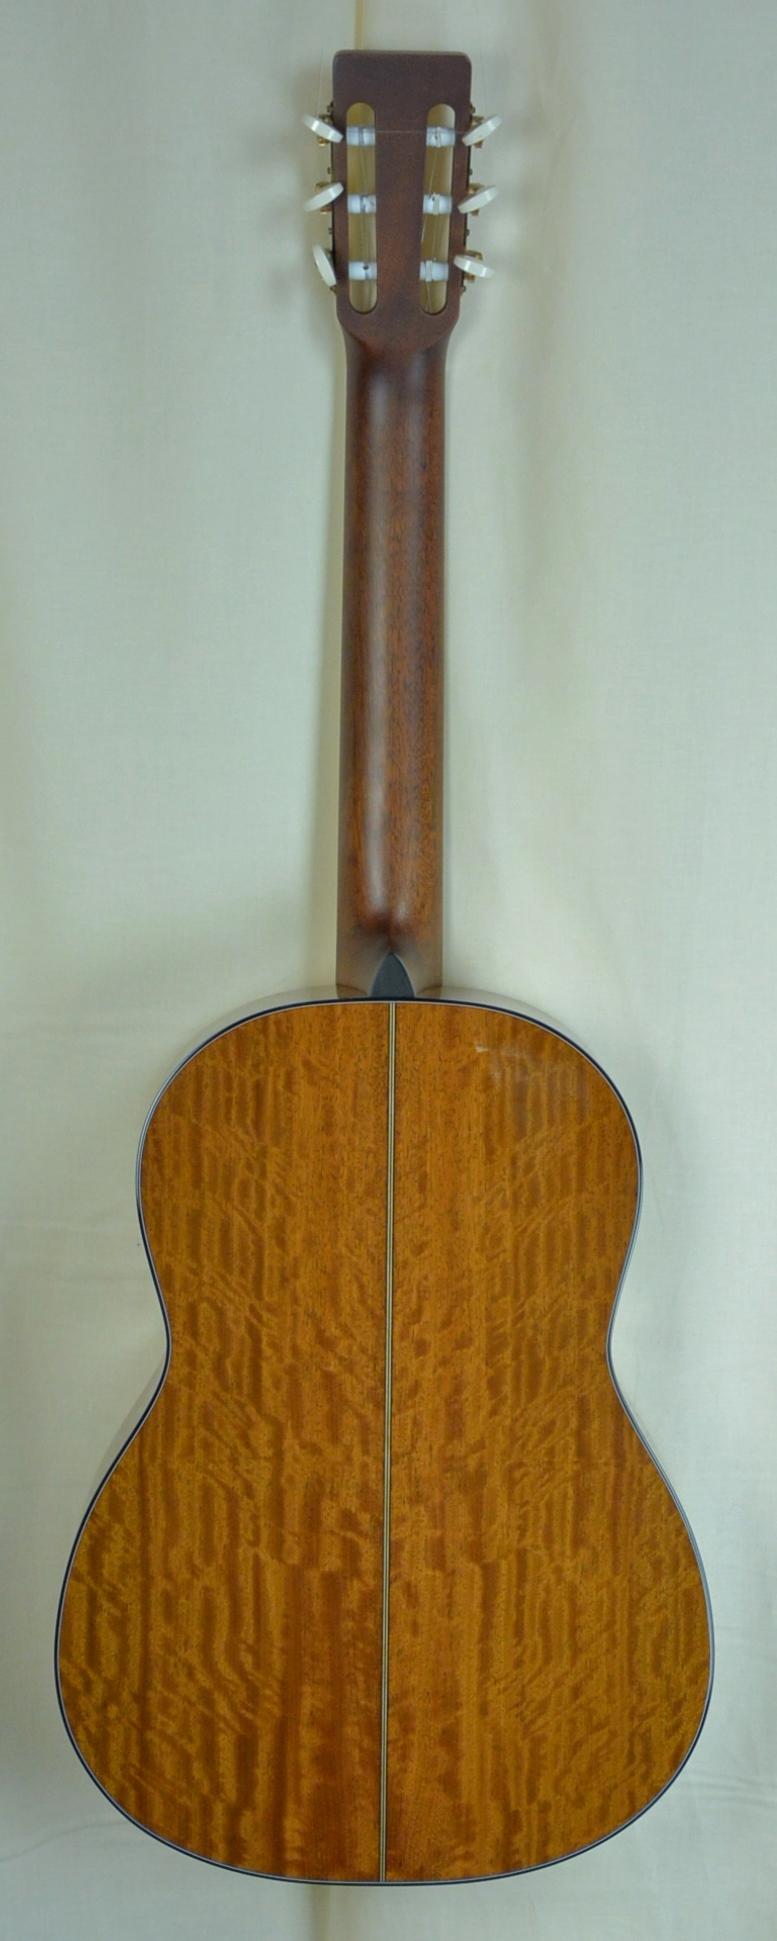 Q-2655824 S-1938292 N-style Solomon Padauk Engelmann (3).JPG